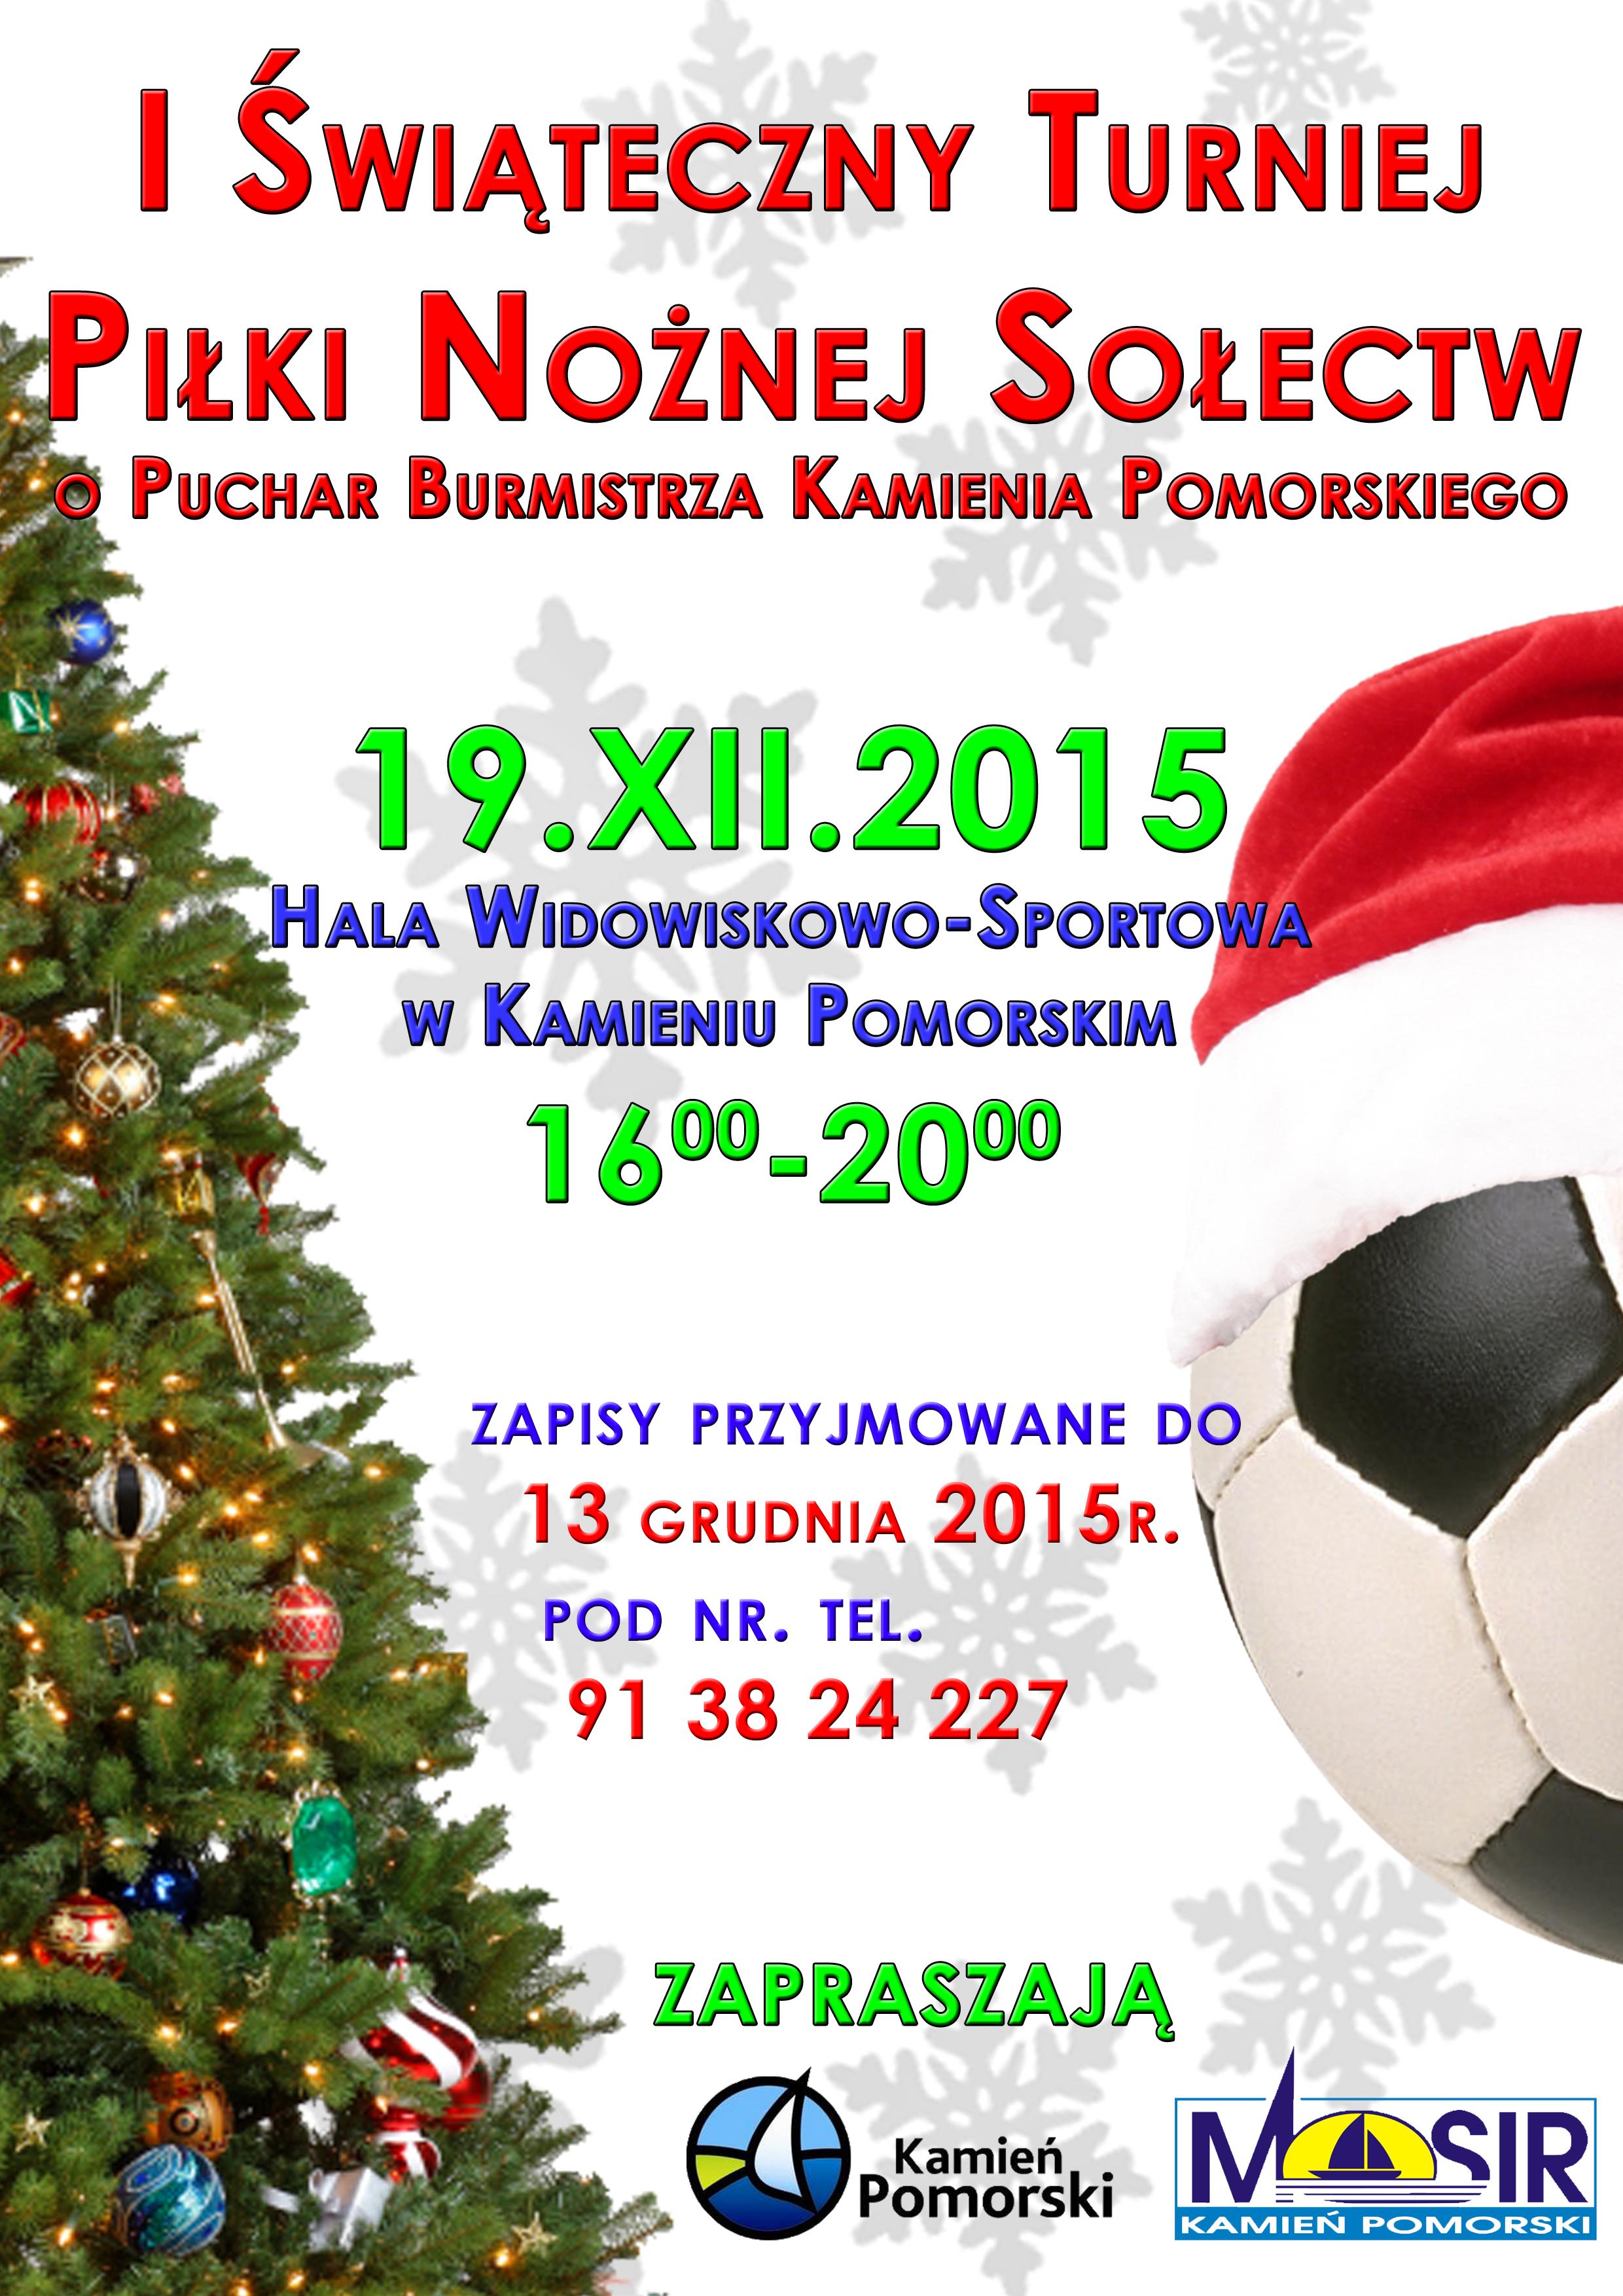 MOSiR zaprasza na świąteczny turniej piłkarski sołectw!